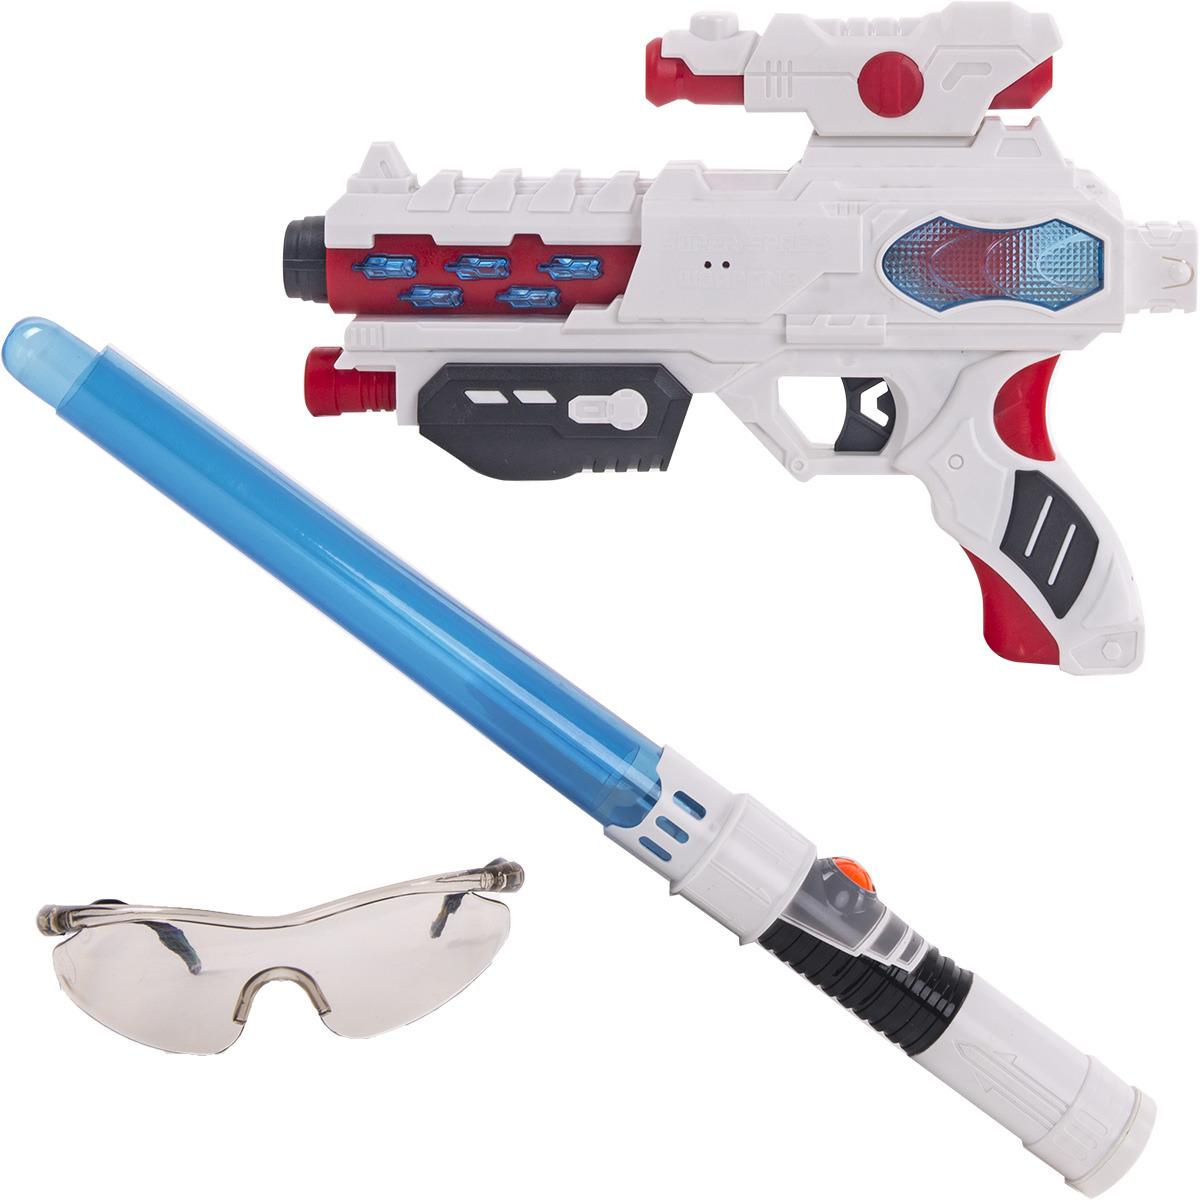 Игровой набор Fun Red: бластер, меч, очки, со звуковыми и световыми эффектами, цвет в ассортименте игровой набор fun red бластер наручники со звуковыми и световыми эффектами